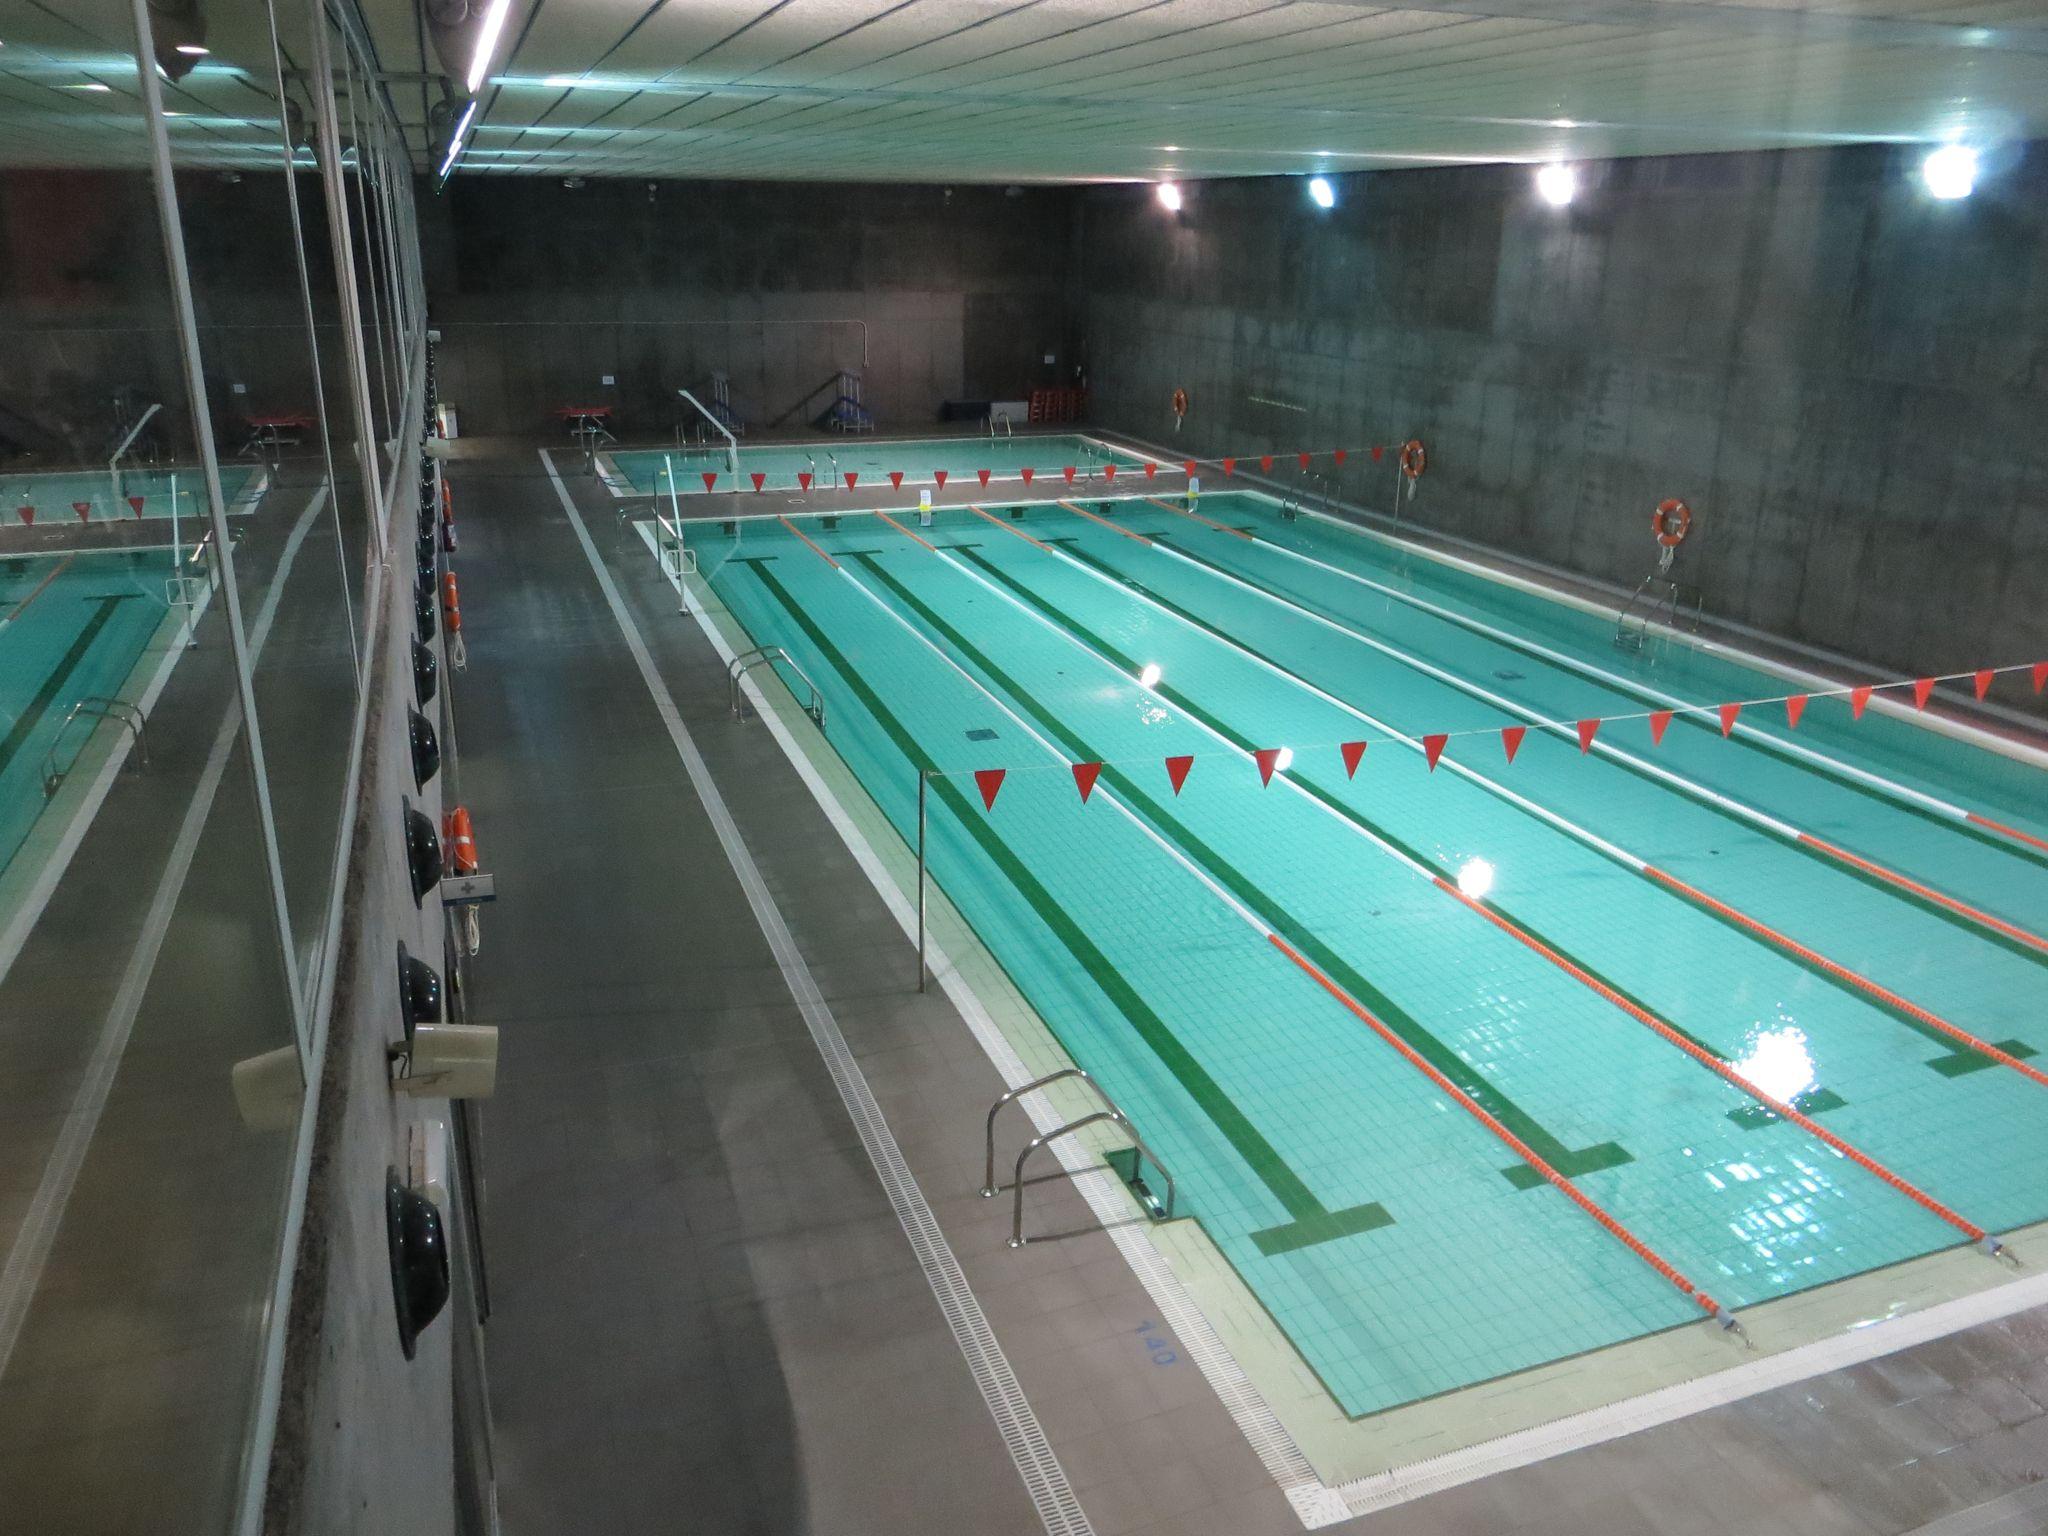 Piscina duquesa villahermosa centro deportivo municipal for Piscinas climatizadas zaragoza